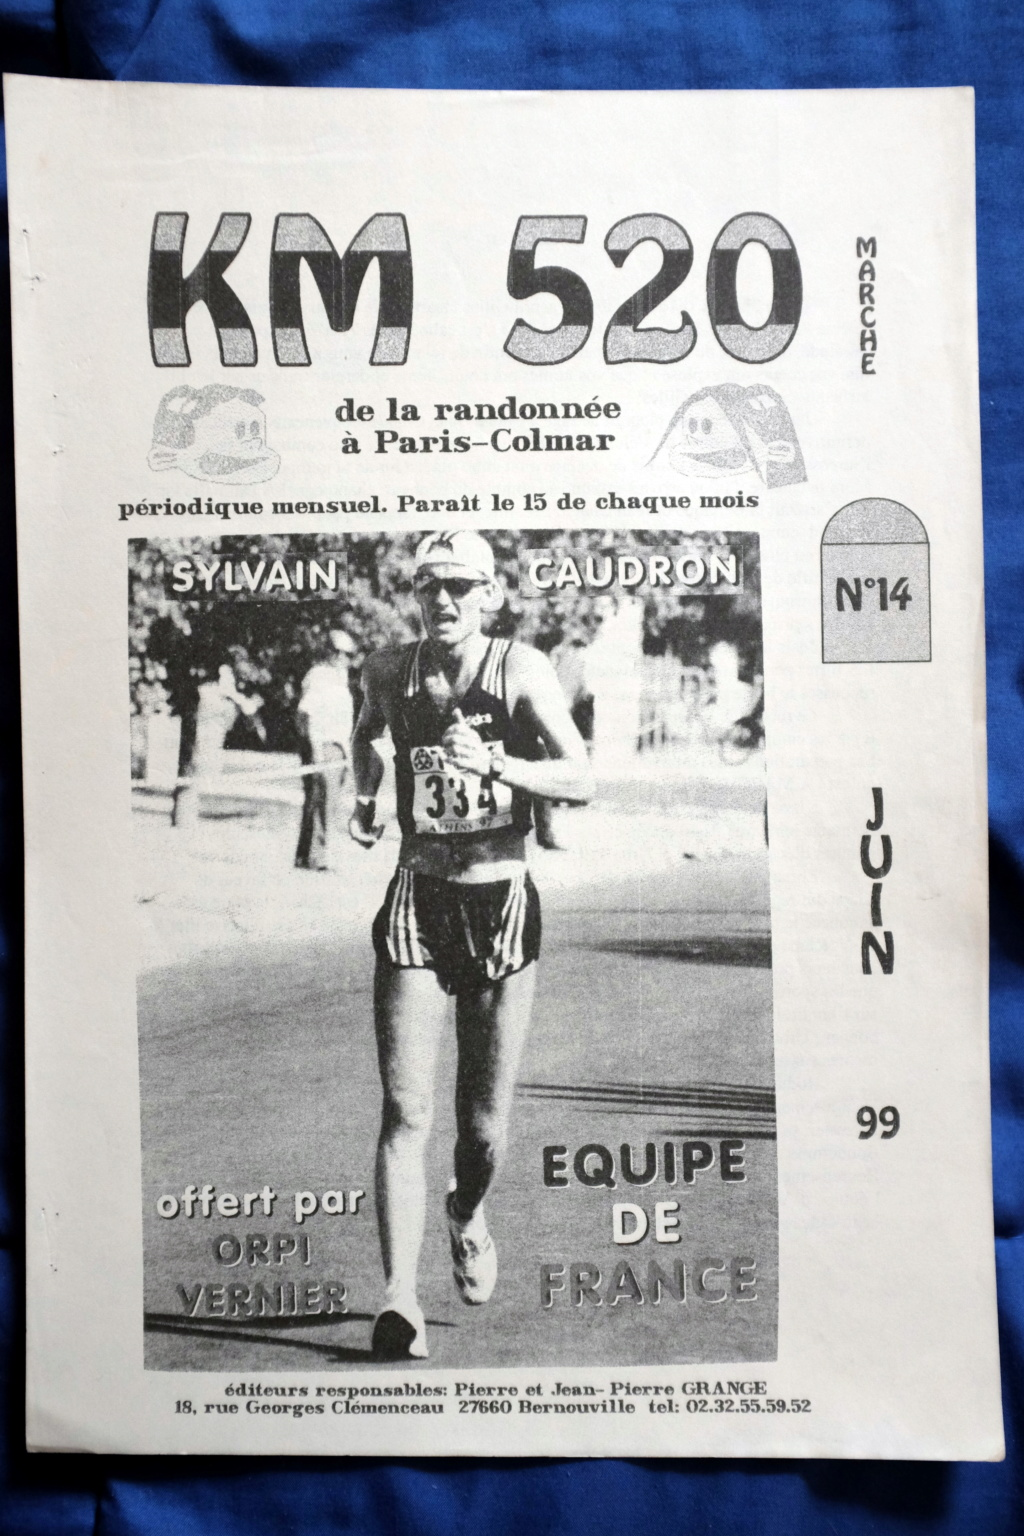 Le KM520 et ses éditos 1998-2002 Dscf0435